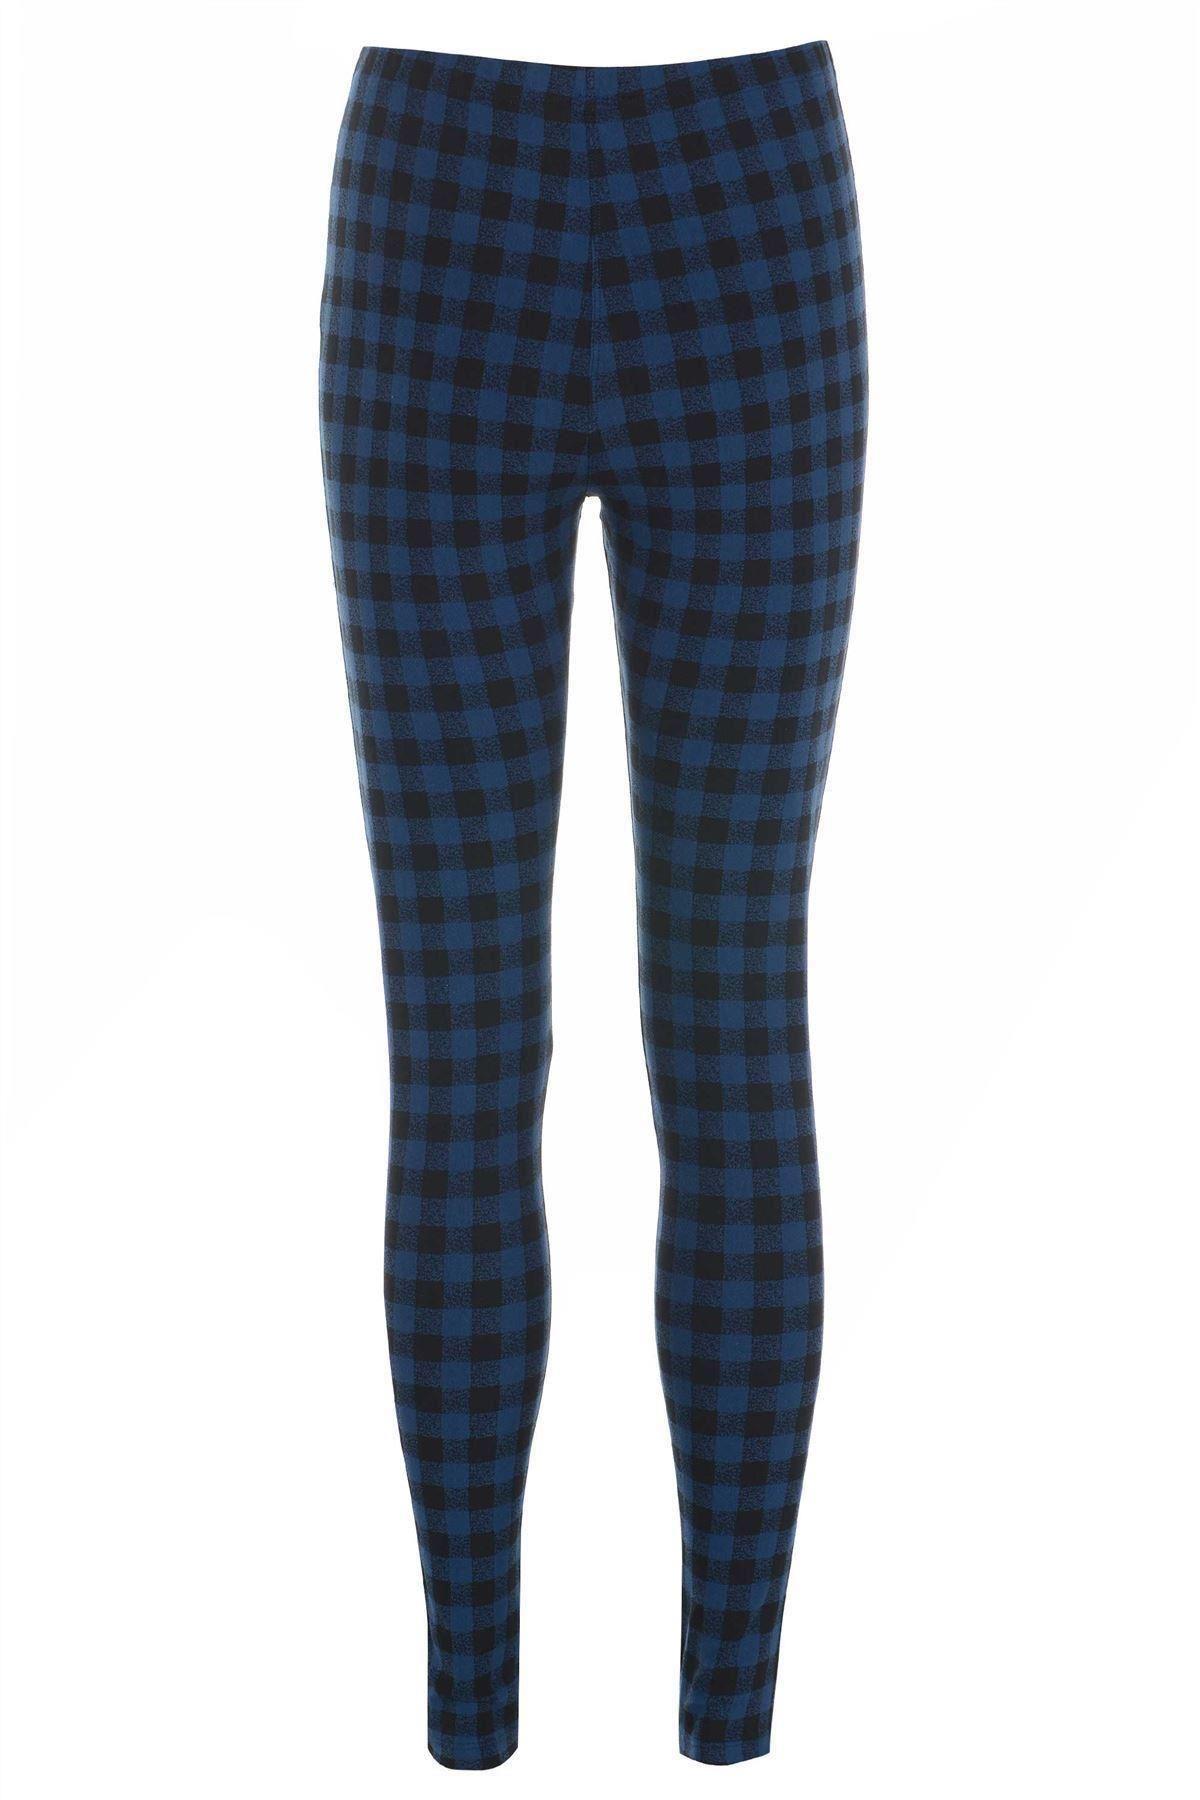 TOPSHOP Black / Blue Check/Plaid/Tartan Skinny Womenu0026#39;s Leggings | eBay